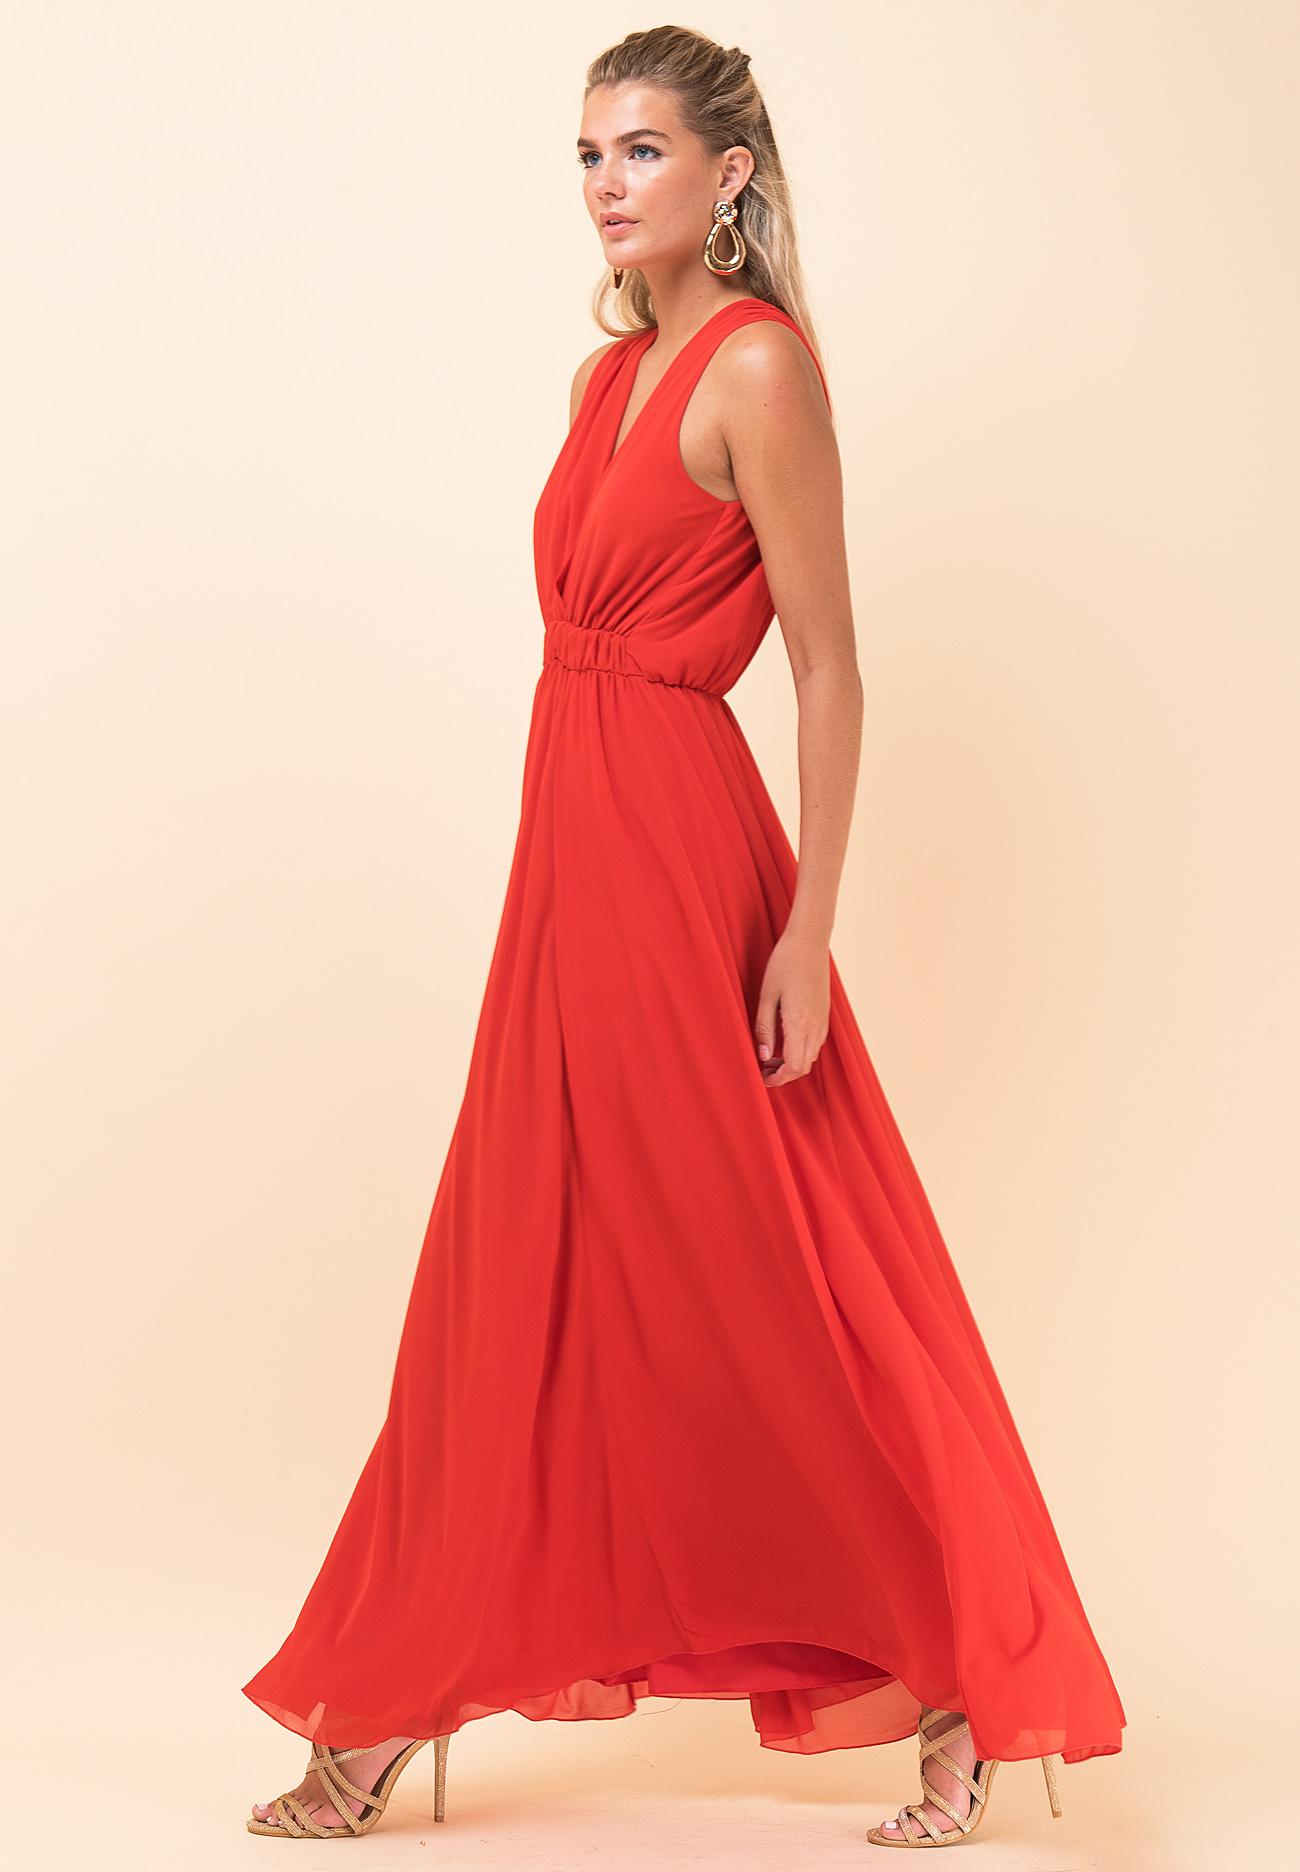 35578c83b0e3 Μακρύ μονόχρωμο φόρεμα με λάστιχο στη μέση